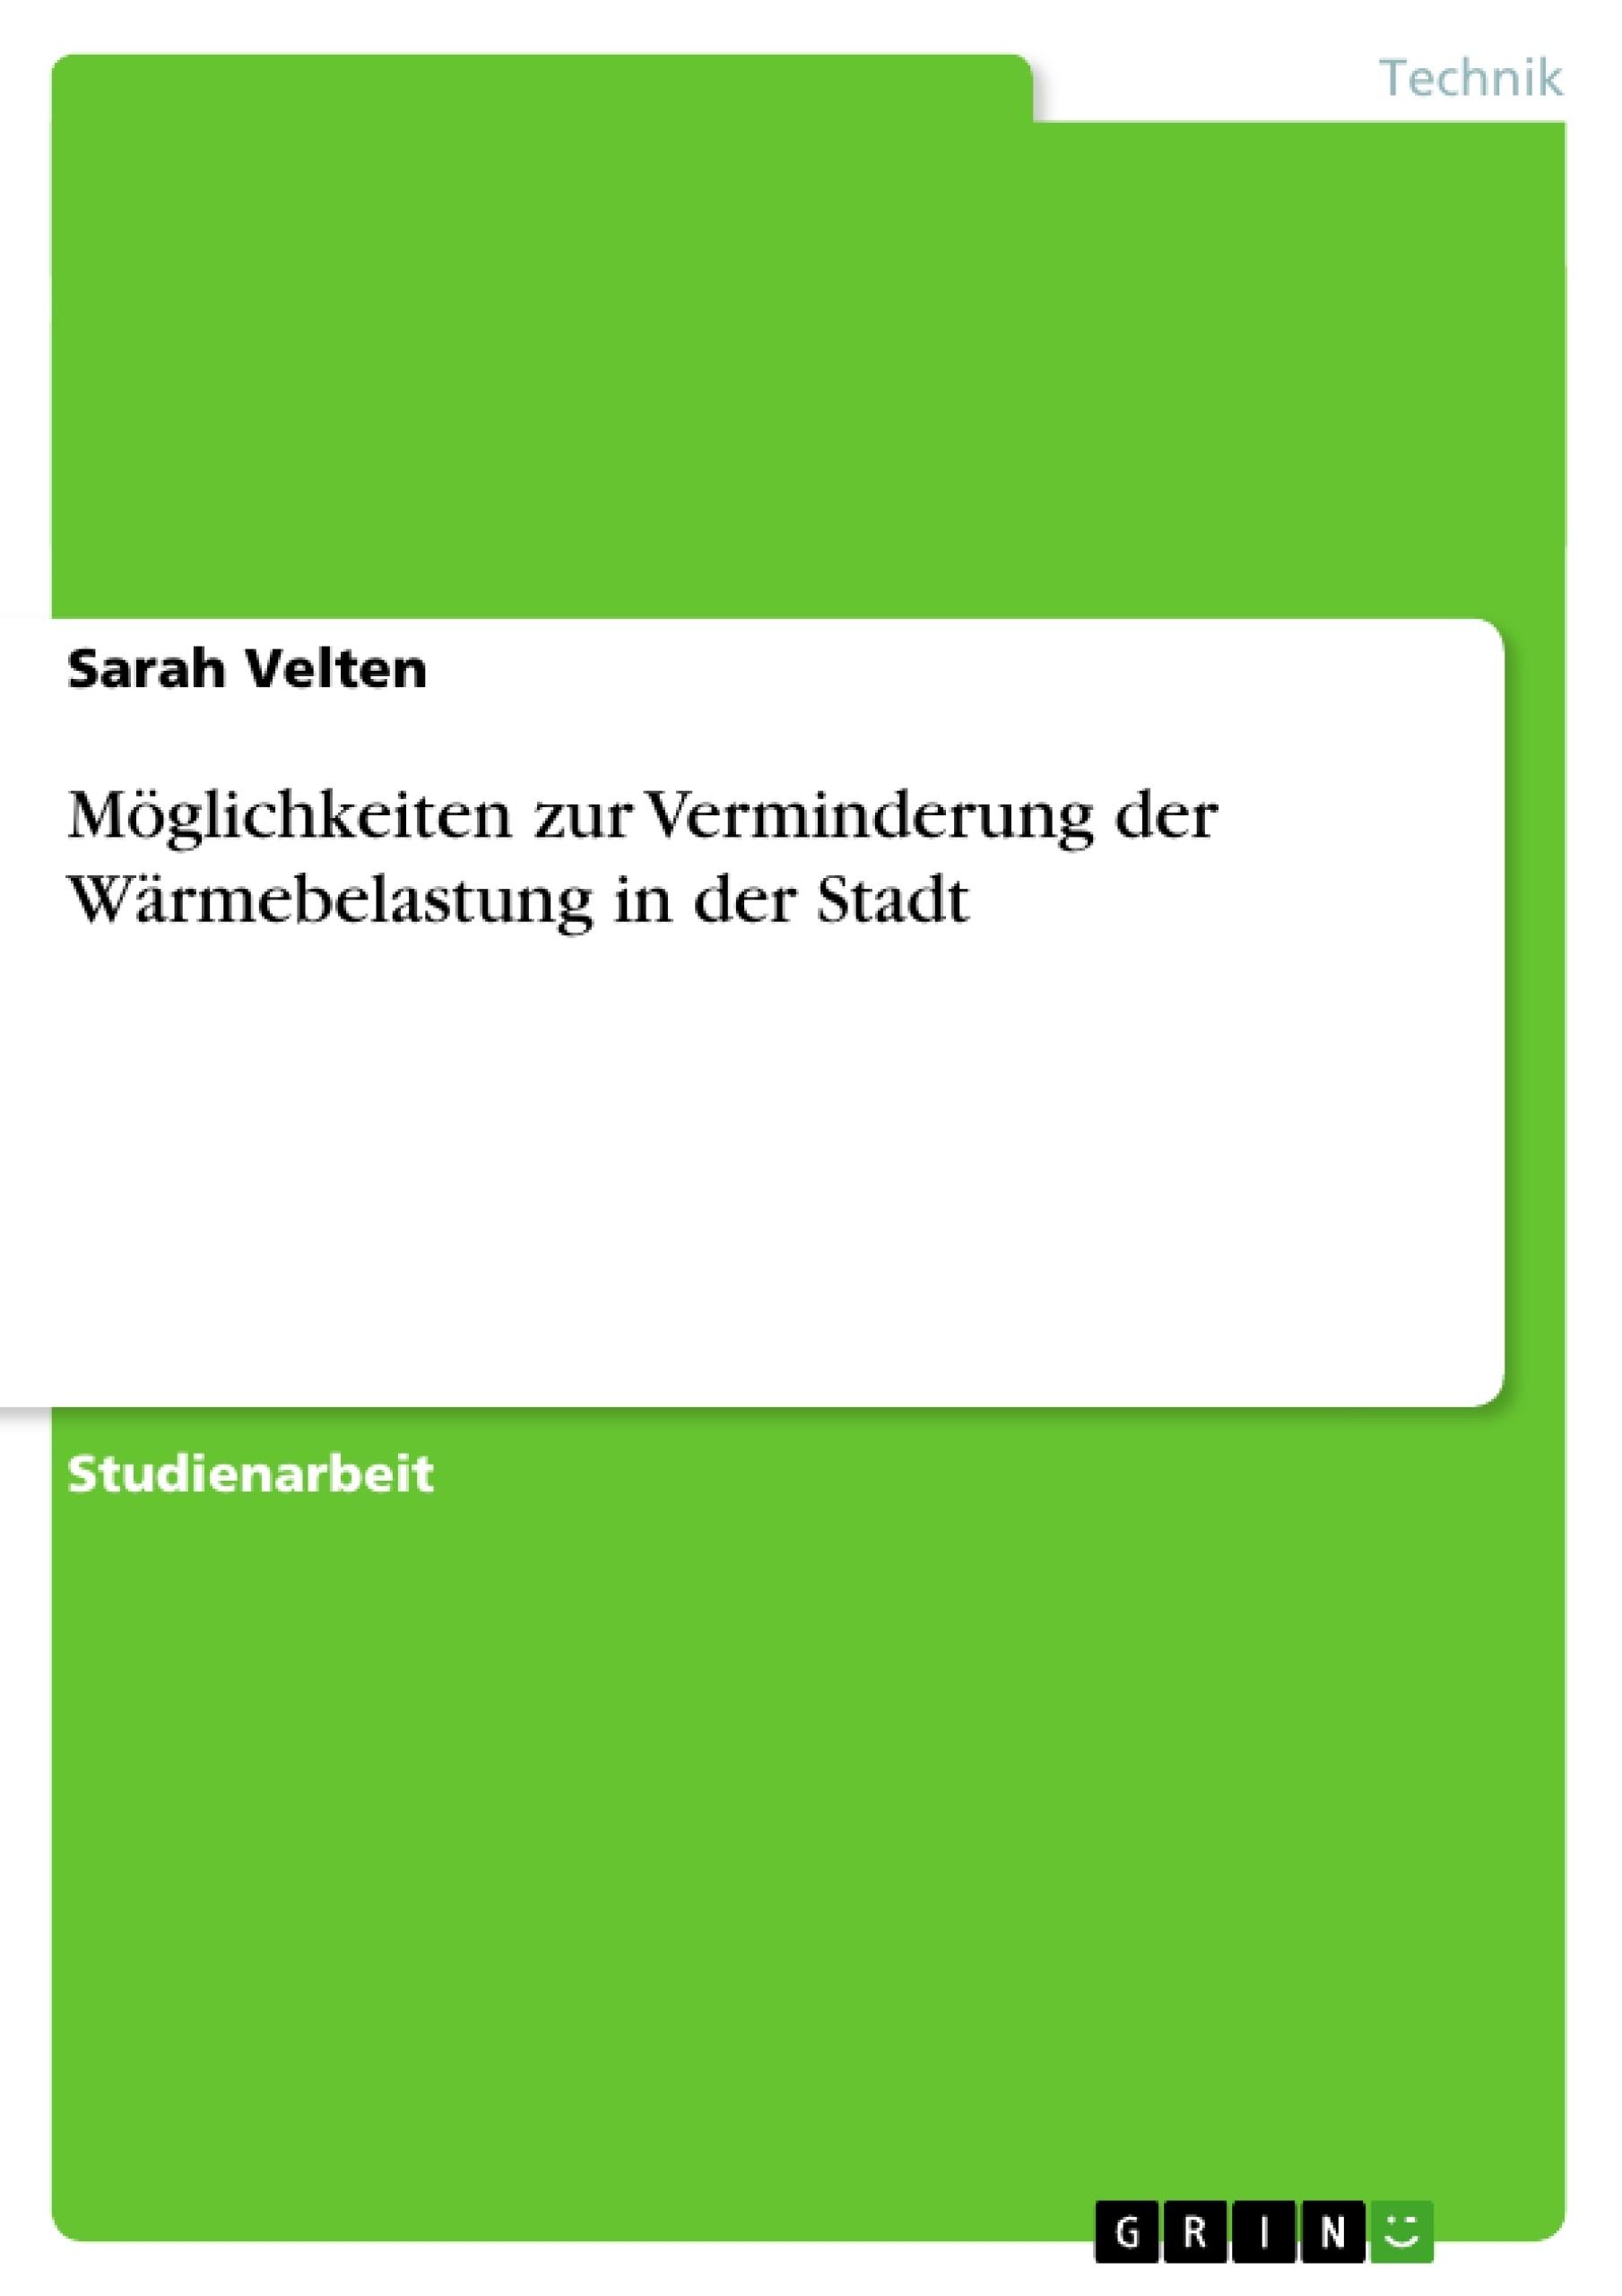 Titel: Möglichkeiten zur Verminderung der Wärmebelastung in der Stadt